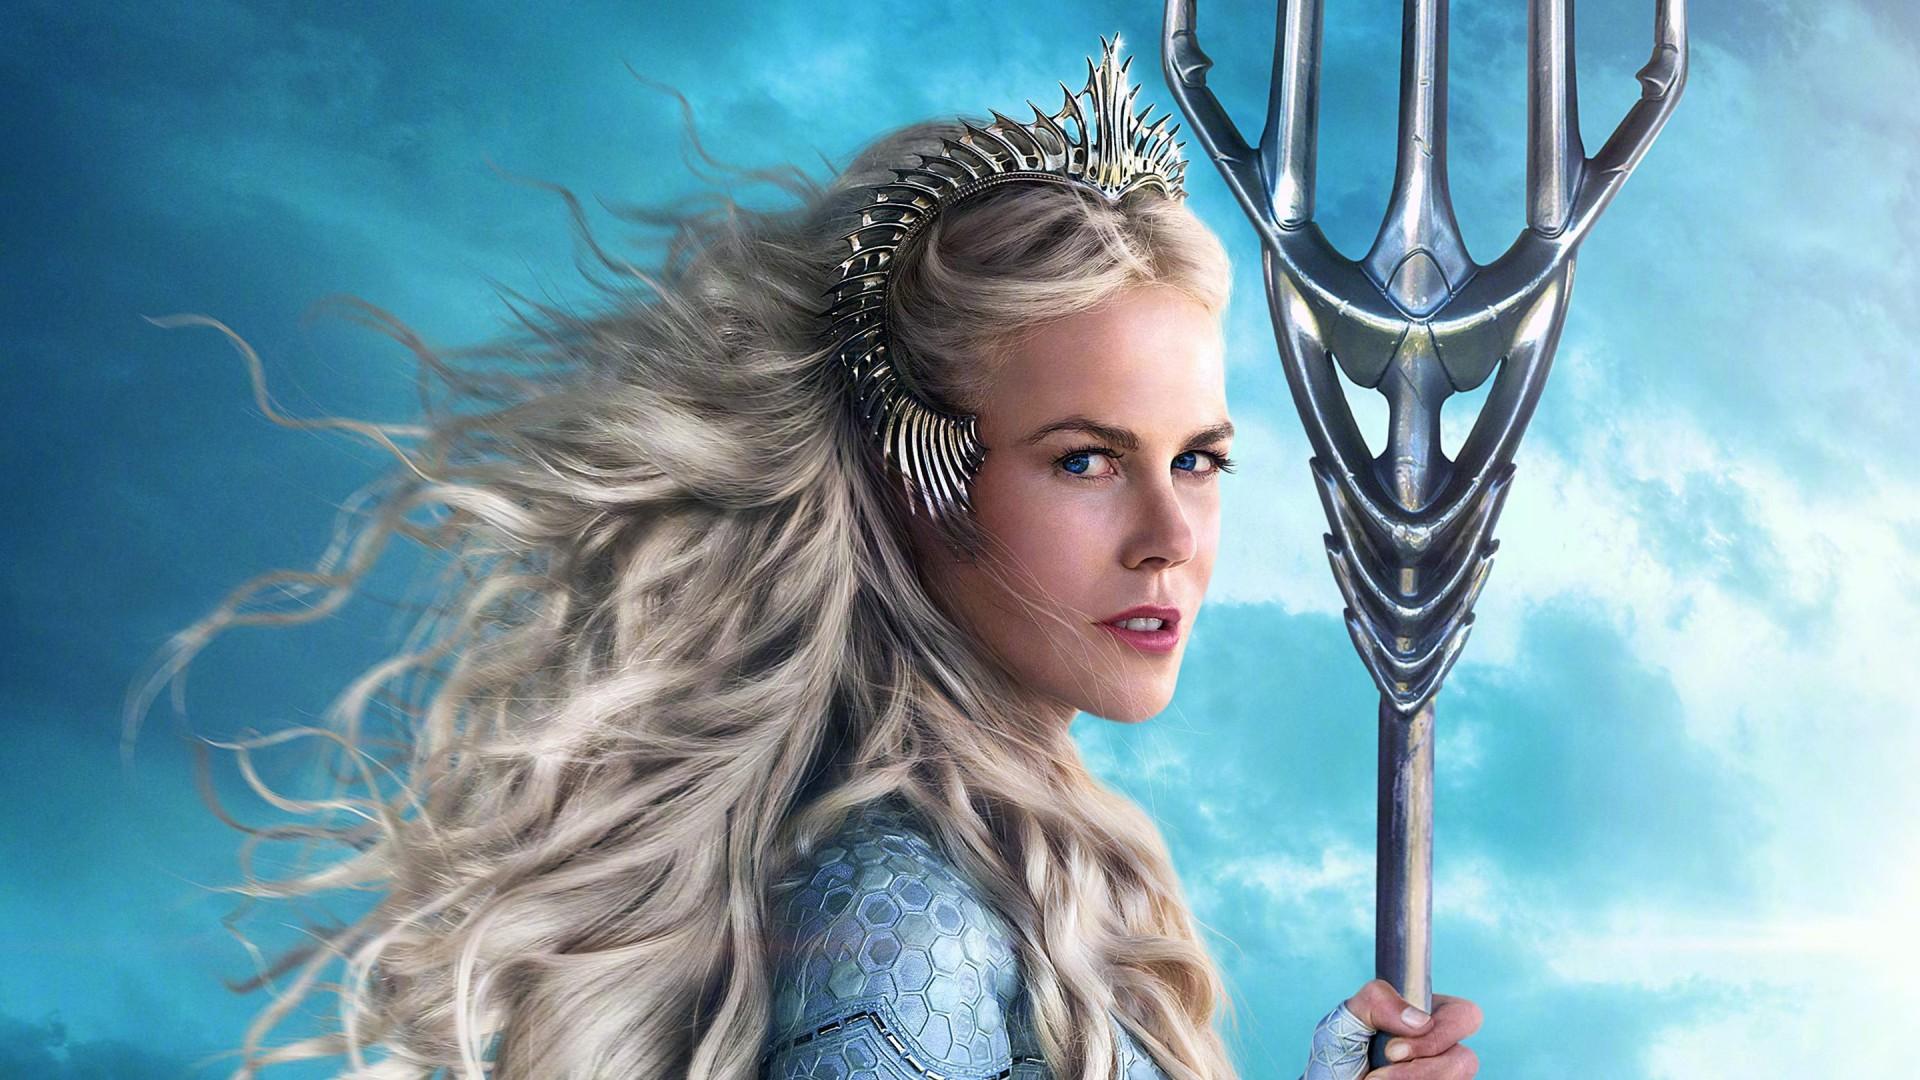 Iphone Hd 3d Wallpapers Nicole Kidman As Queen Atlanna In Aquaman Wallpapers Hd